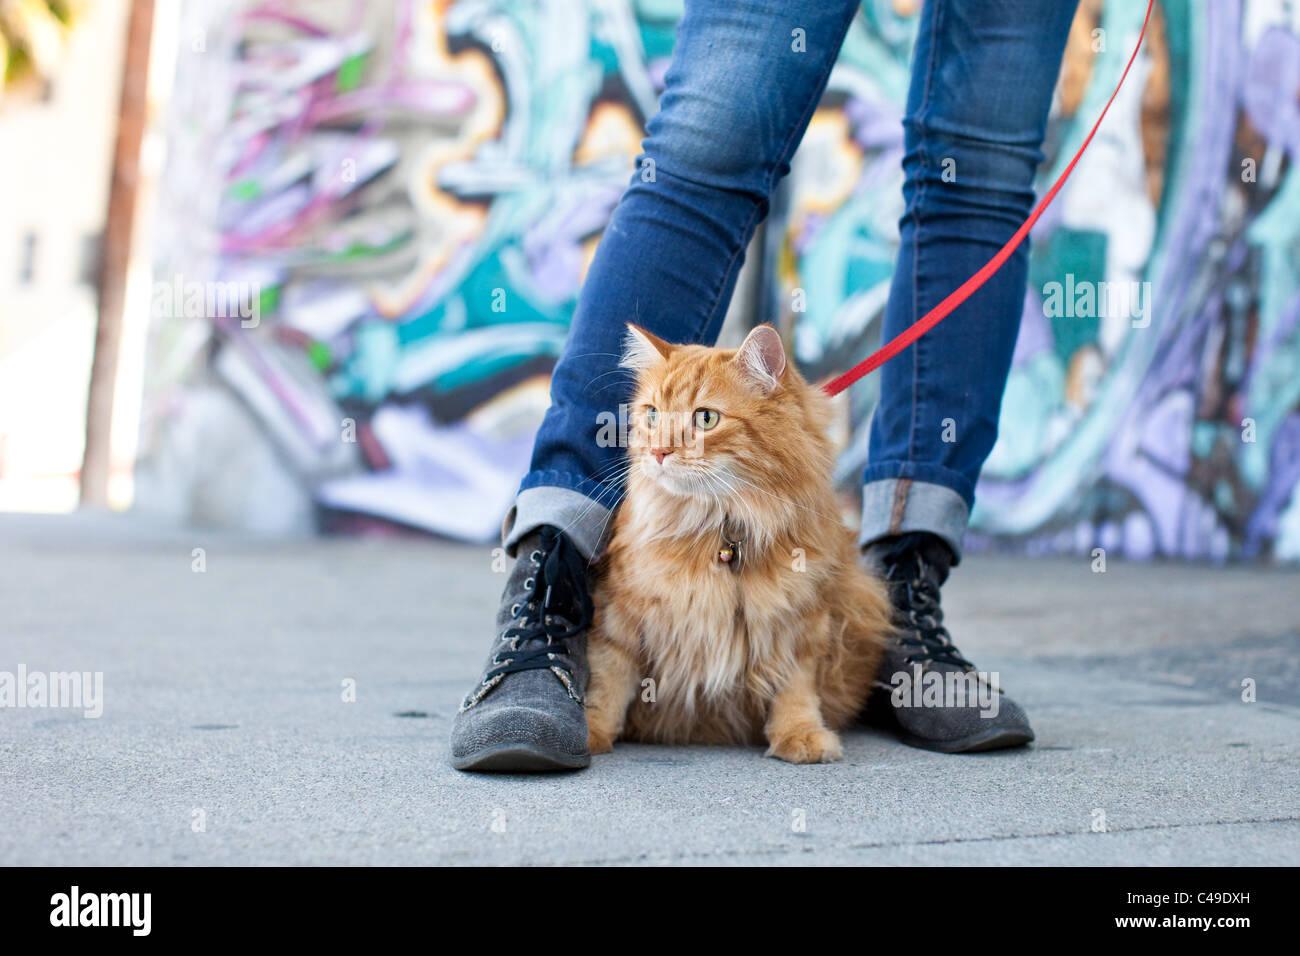 Un petit chat orange à poils longs sur un harnais et une laisse assis entre ses pieds du propriétaire Photo Stock